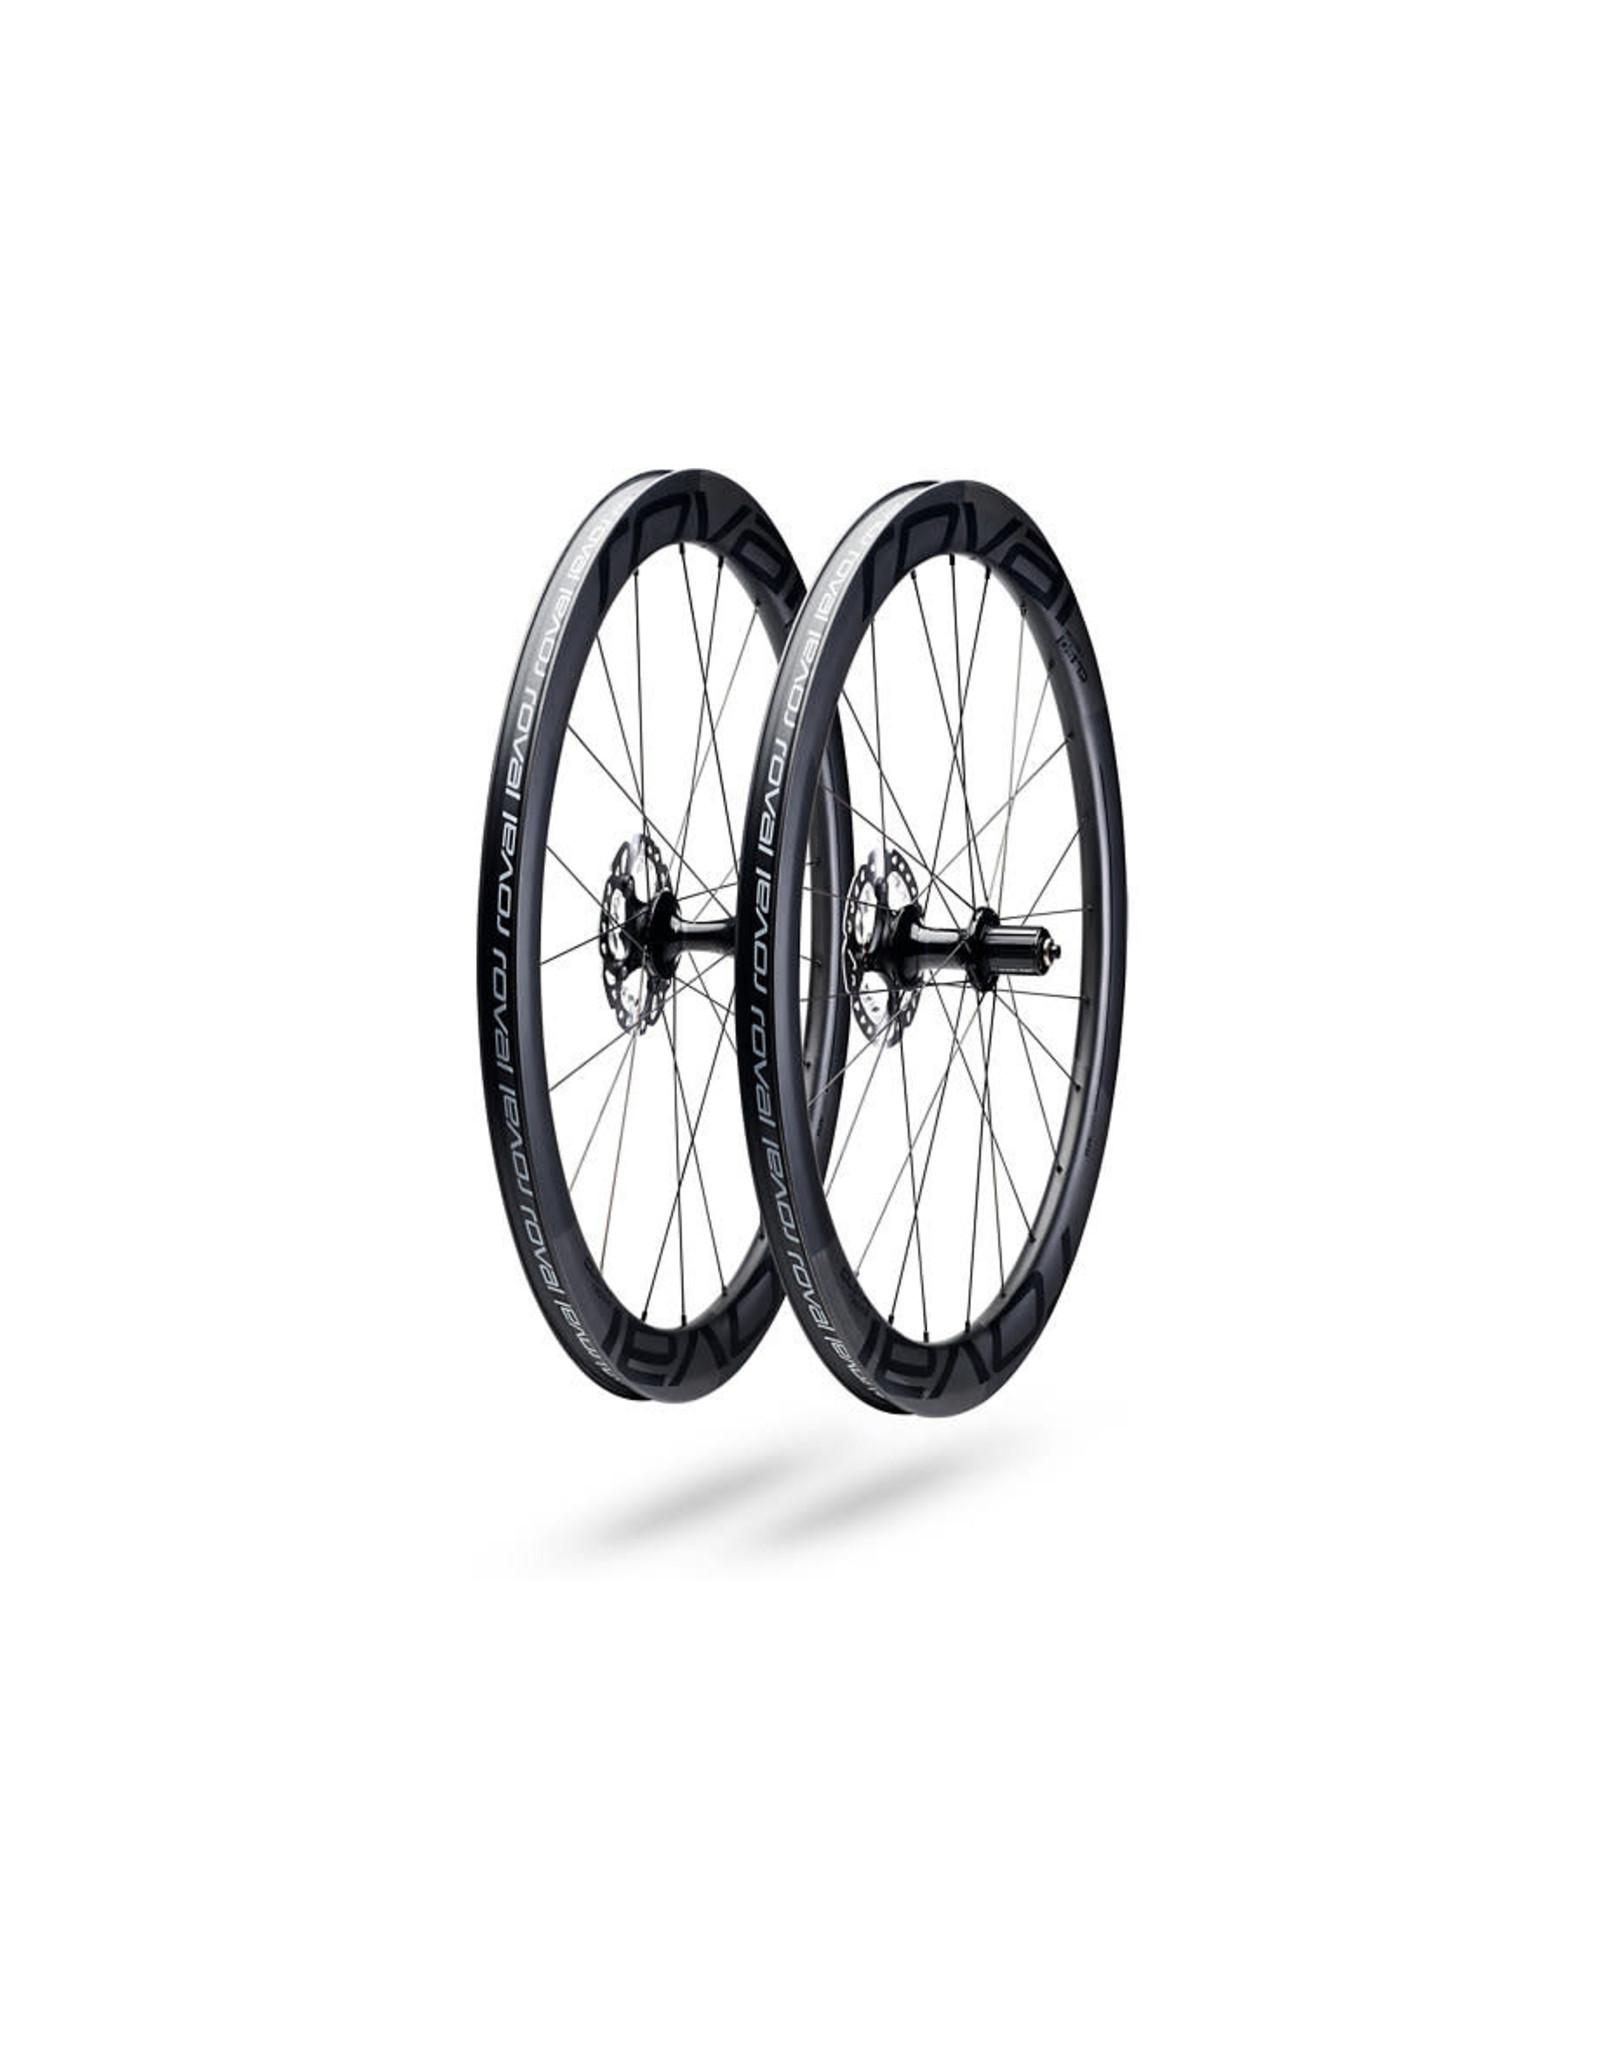 Specialized Bikes CL 50 DISC WHEELSET SATIN CARBON/BLK